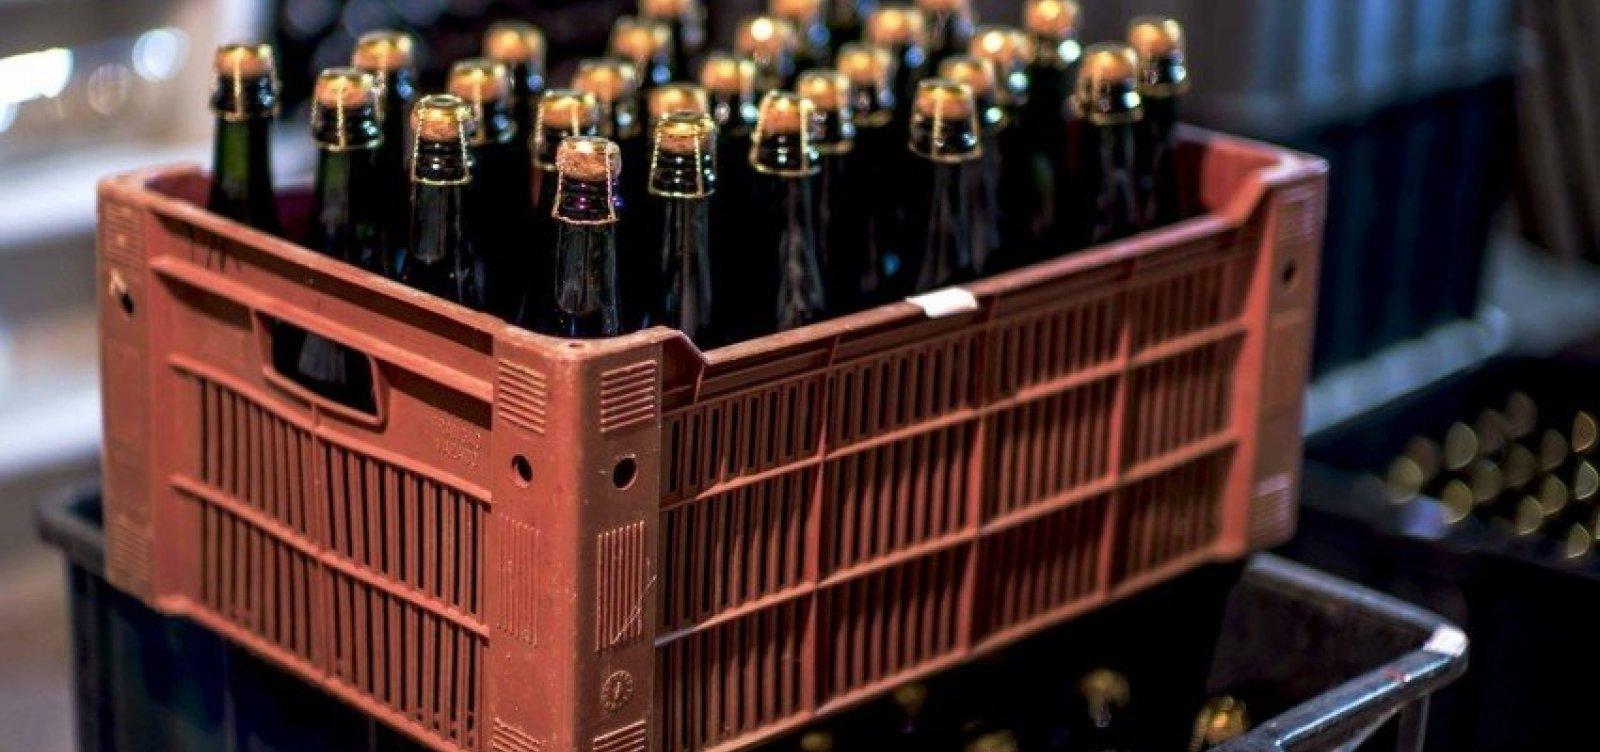 [Governo Bolsonaro deve editar medida de inspeção sobre vinhos e dificultar importação do produto]